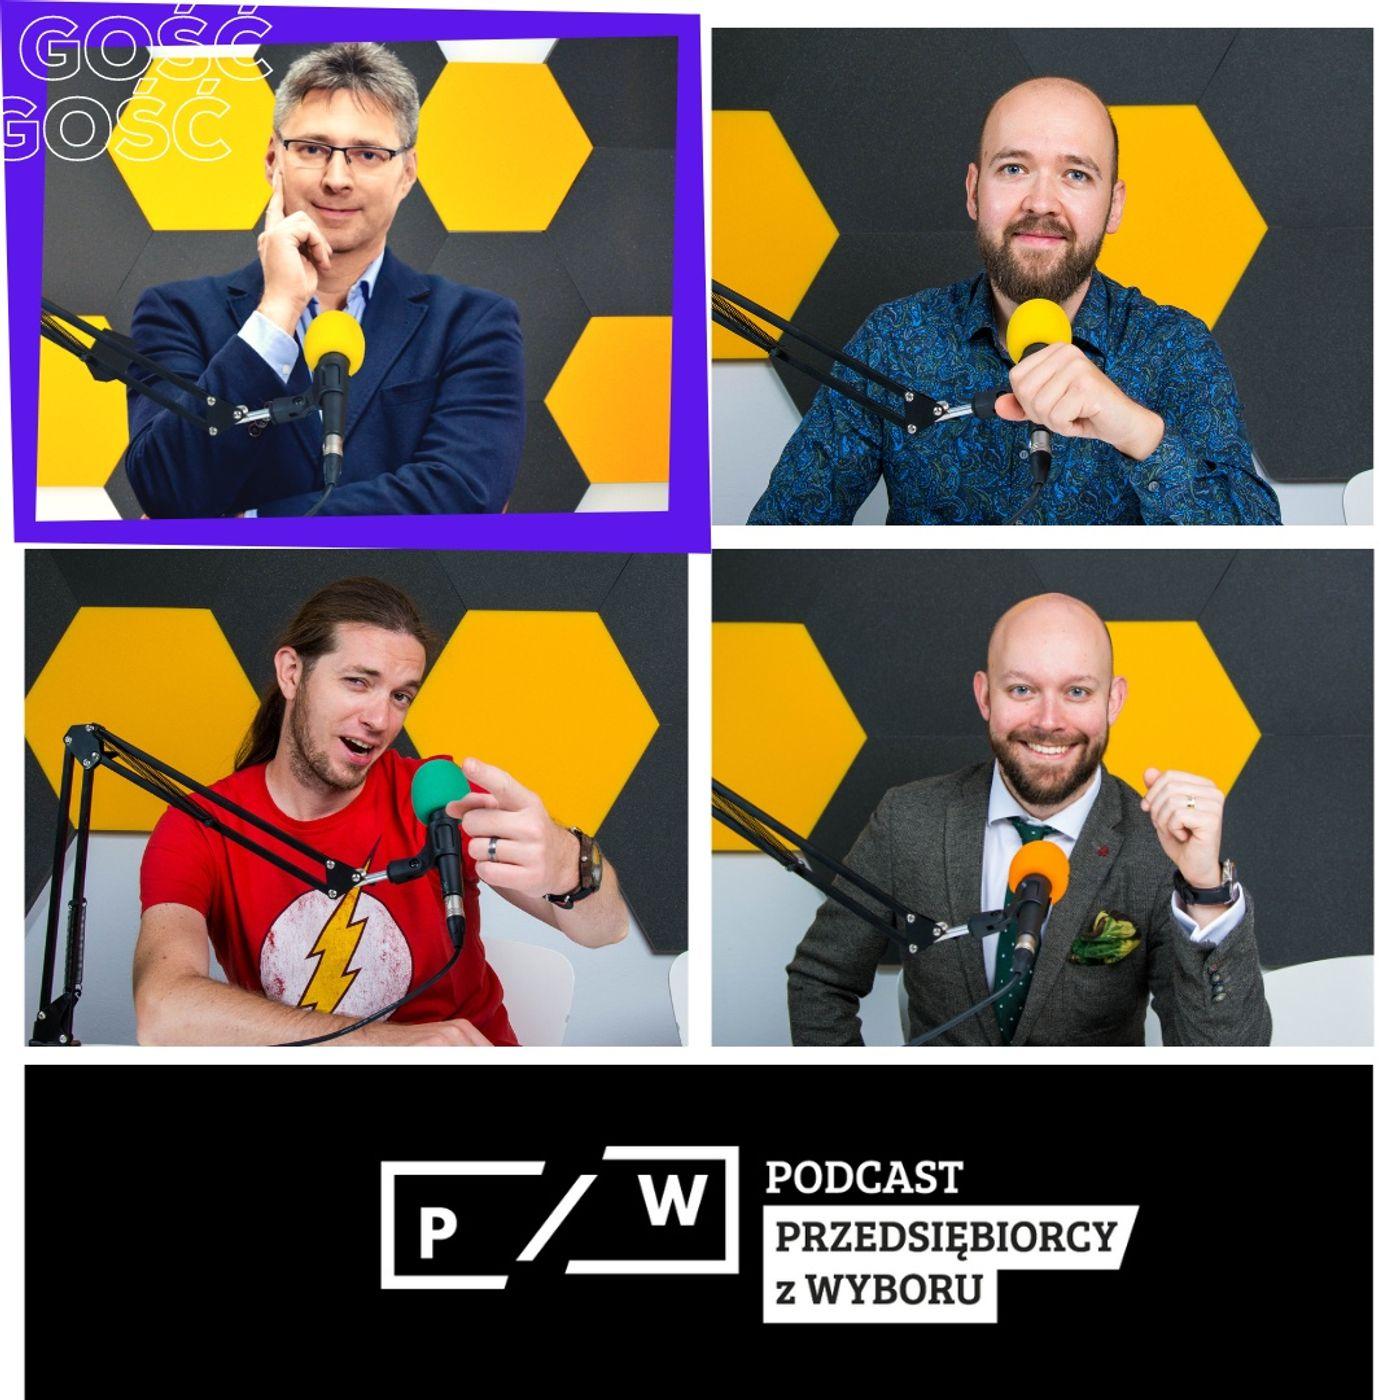 #84 Po(d)pis Autentycznego przedsiębiorcy - Grzegorz Wójcik (Autenti)